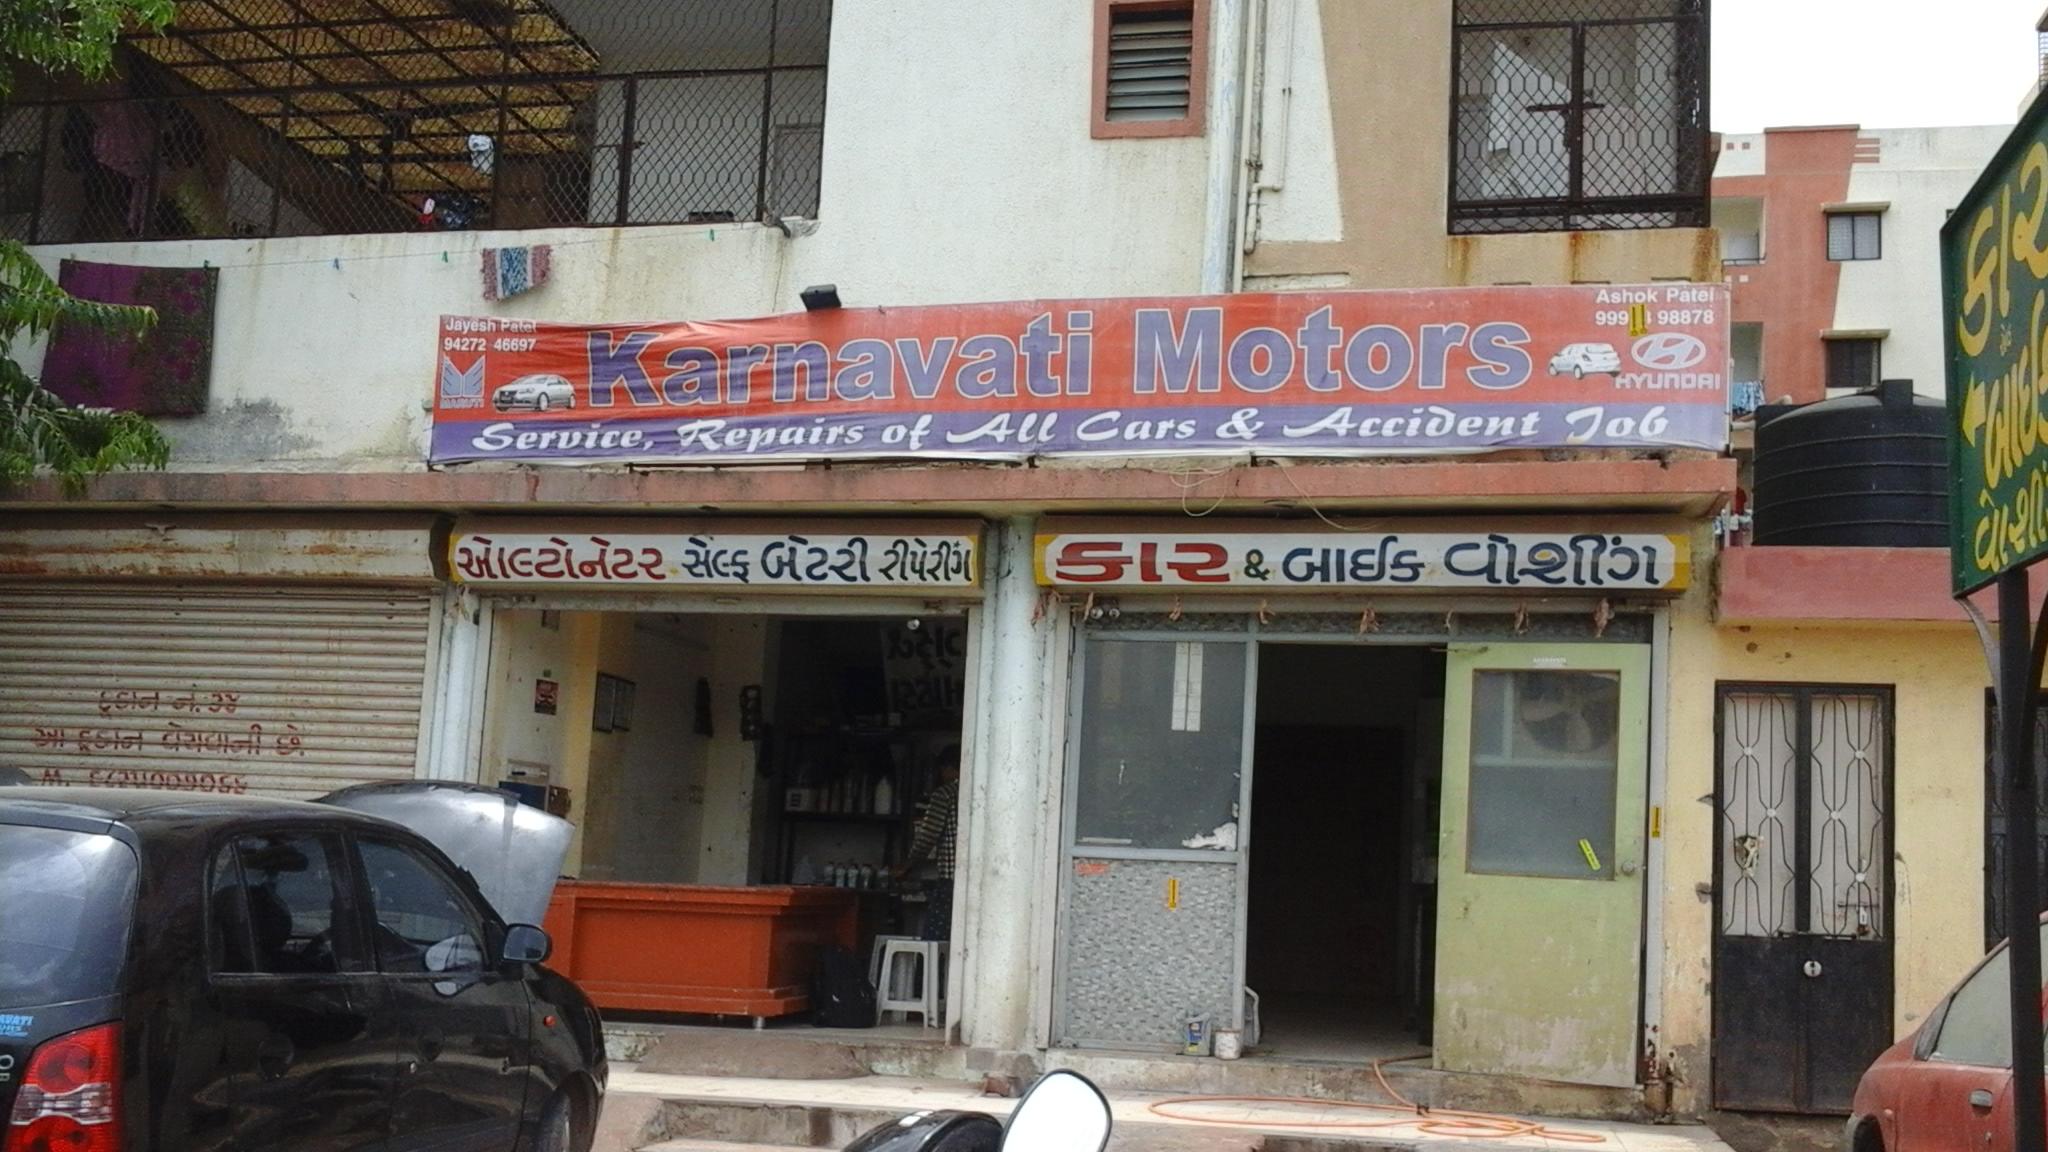 Karnavati Motors